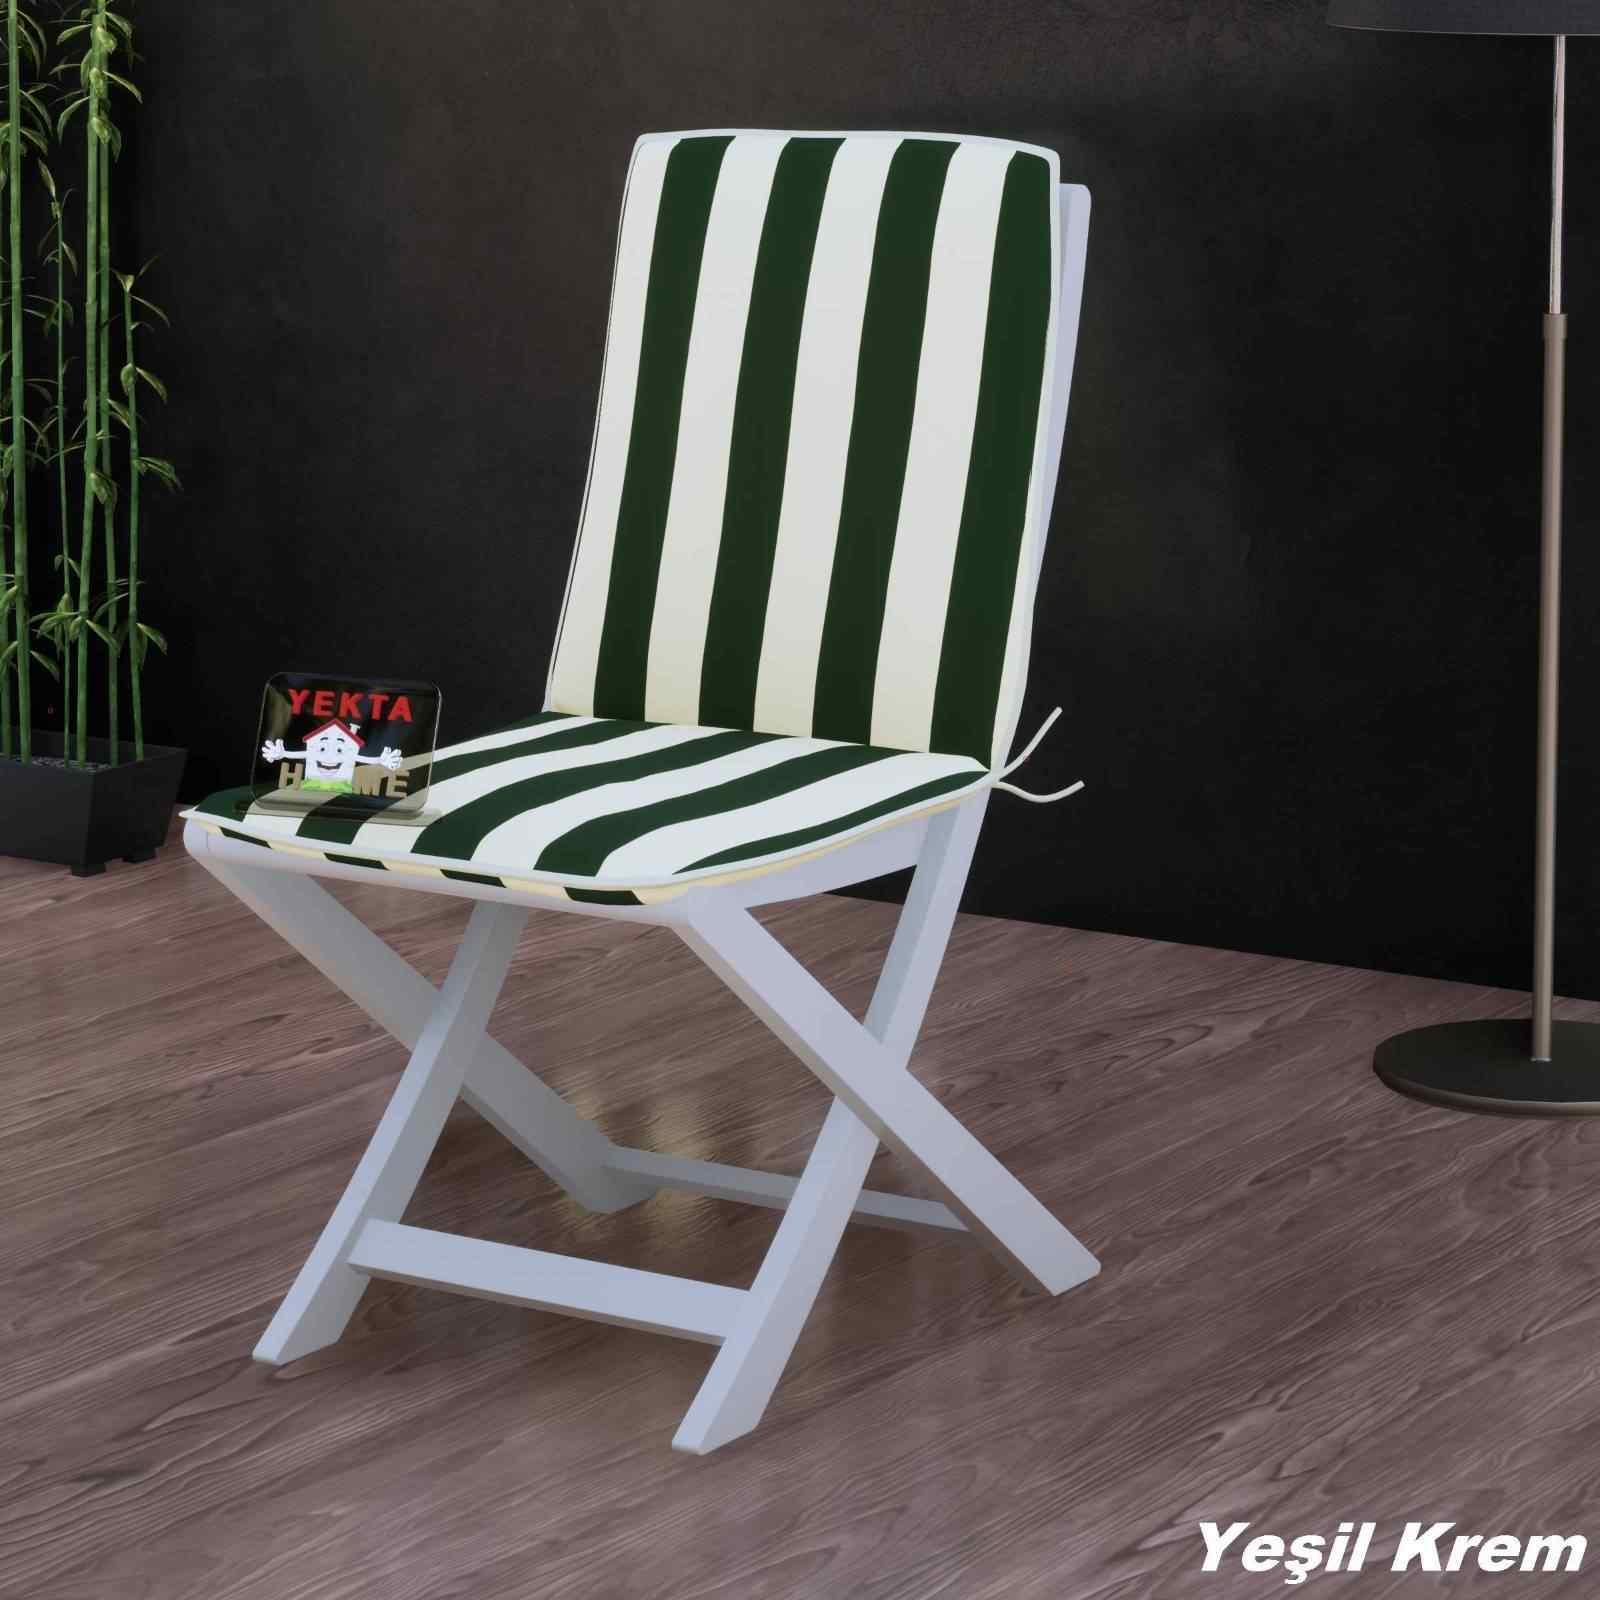 Sırtlı Sandalye Minderi - Arkalıklı Rattan Koltuk Minderi 6 Adet Yeşil Krem